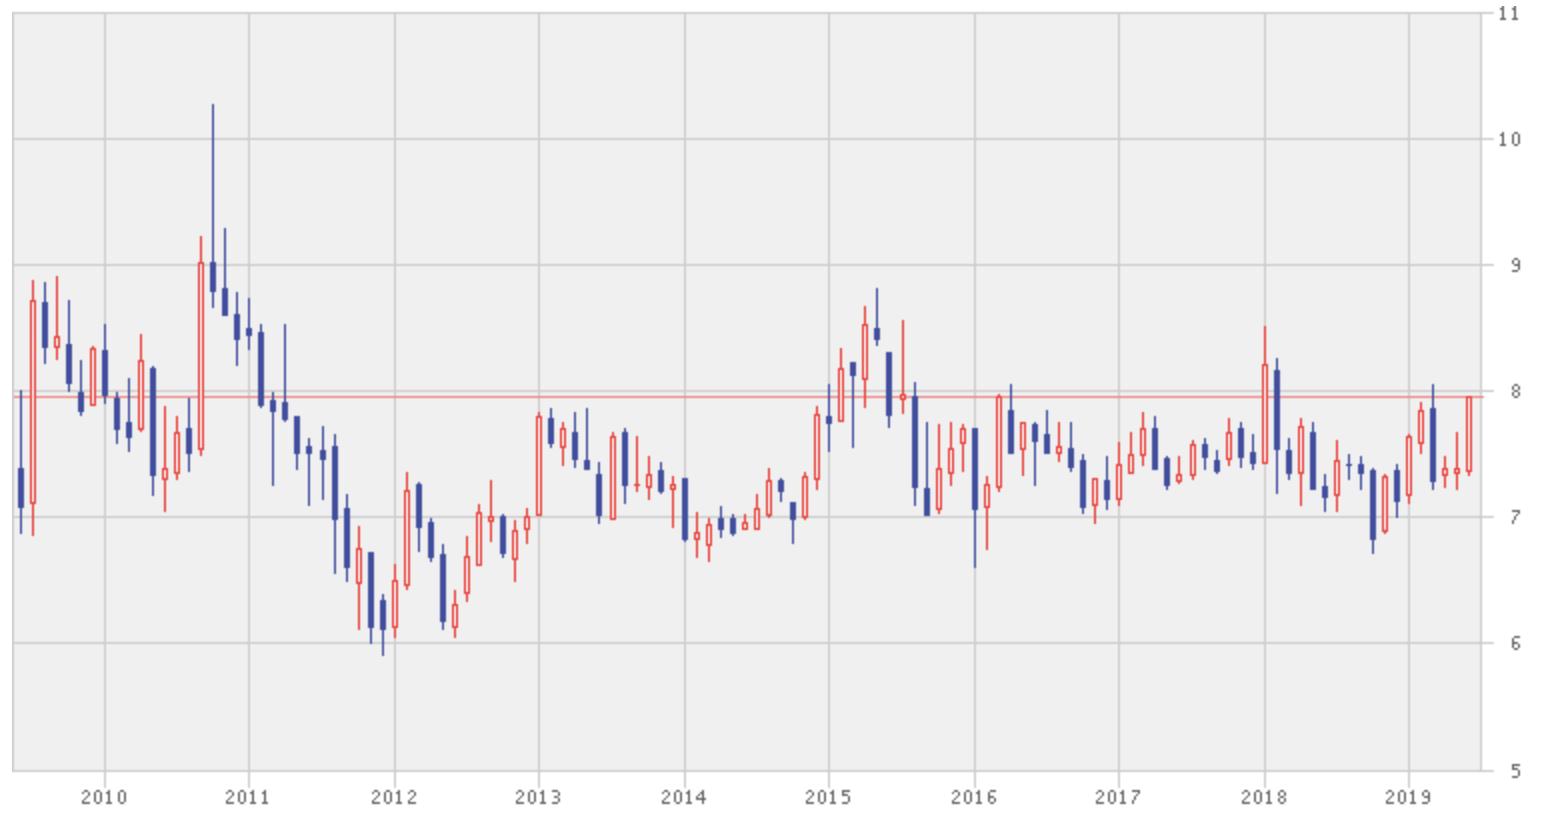 シンガポール取引所の株価